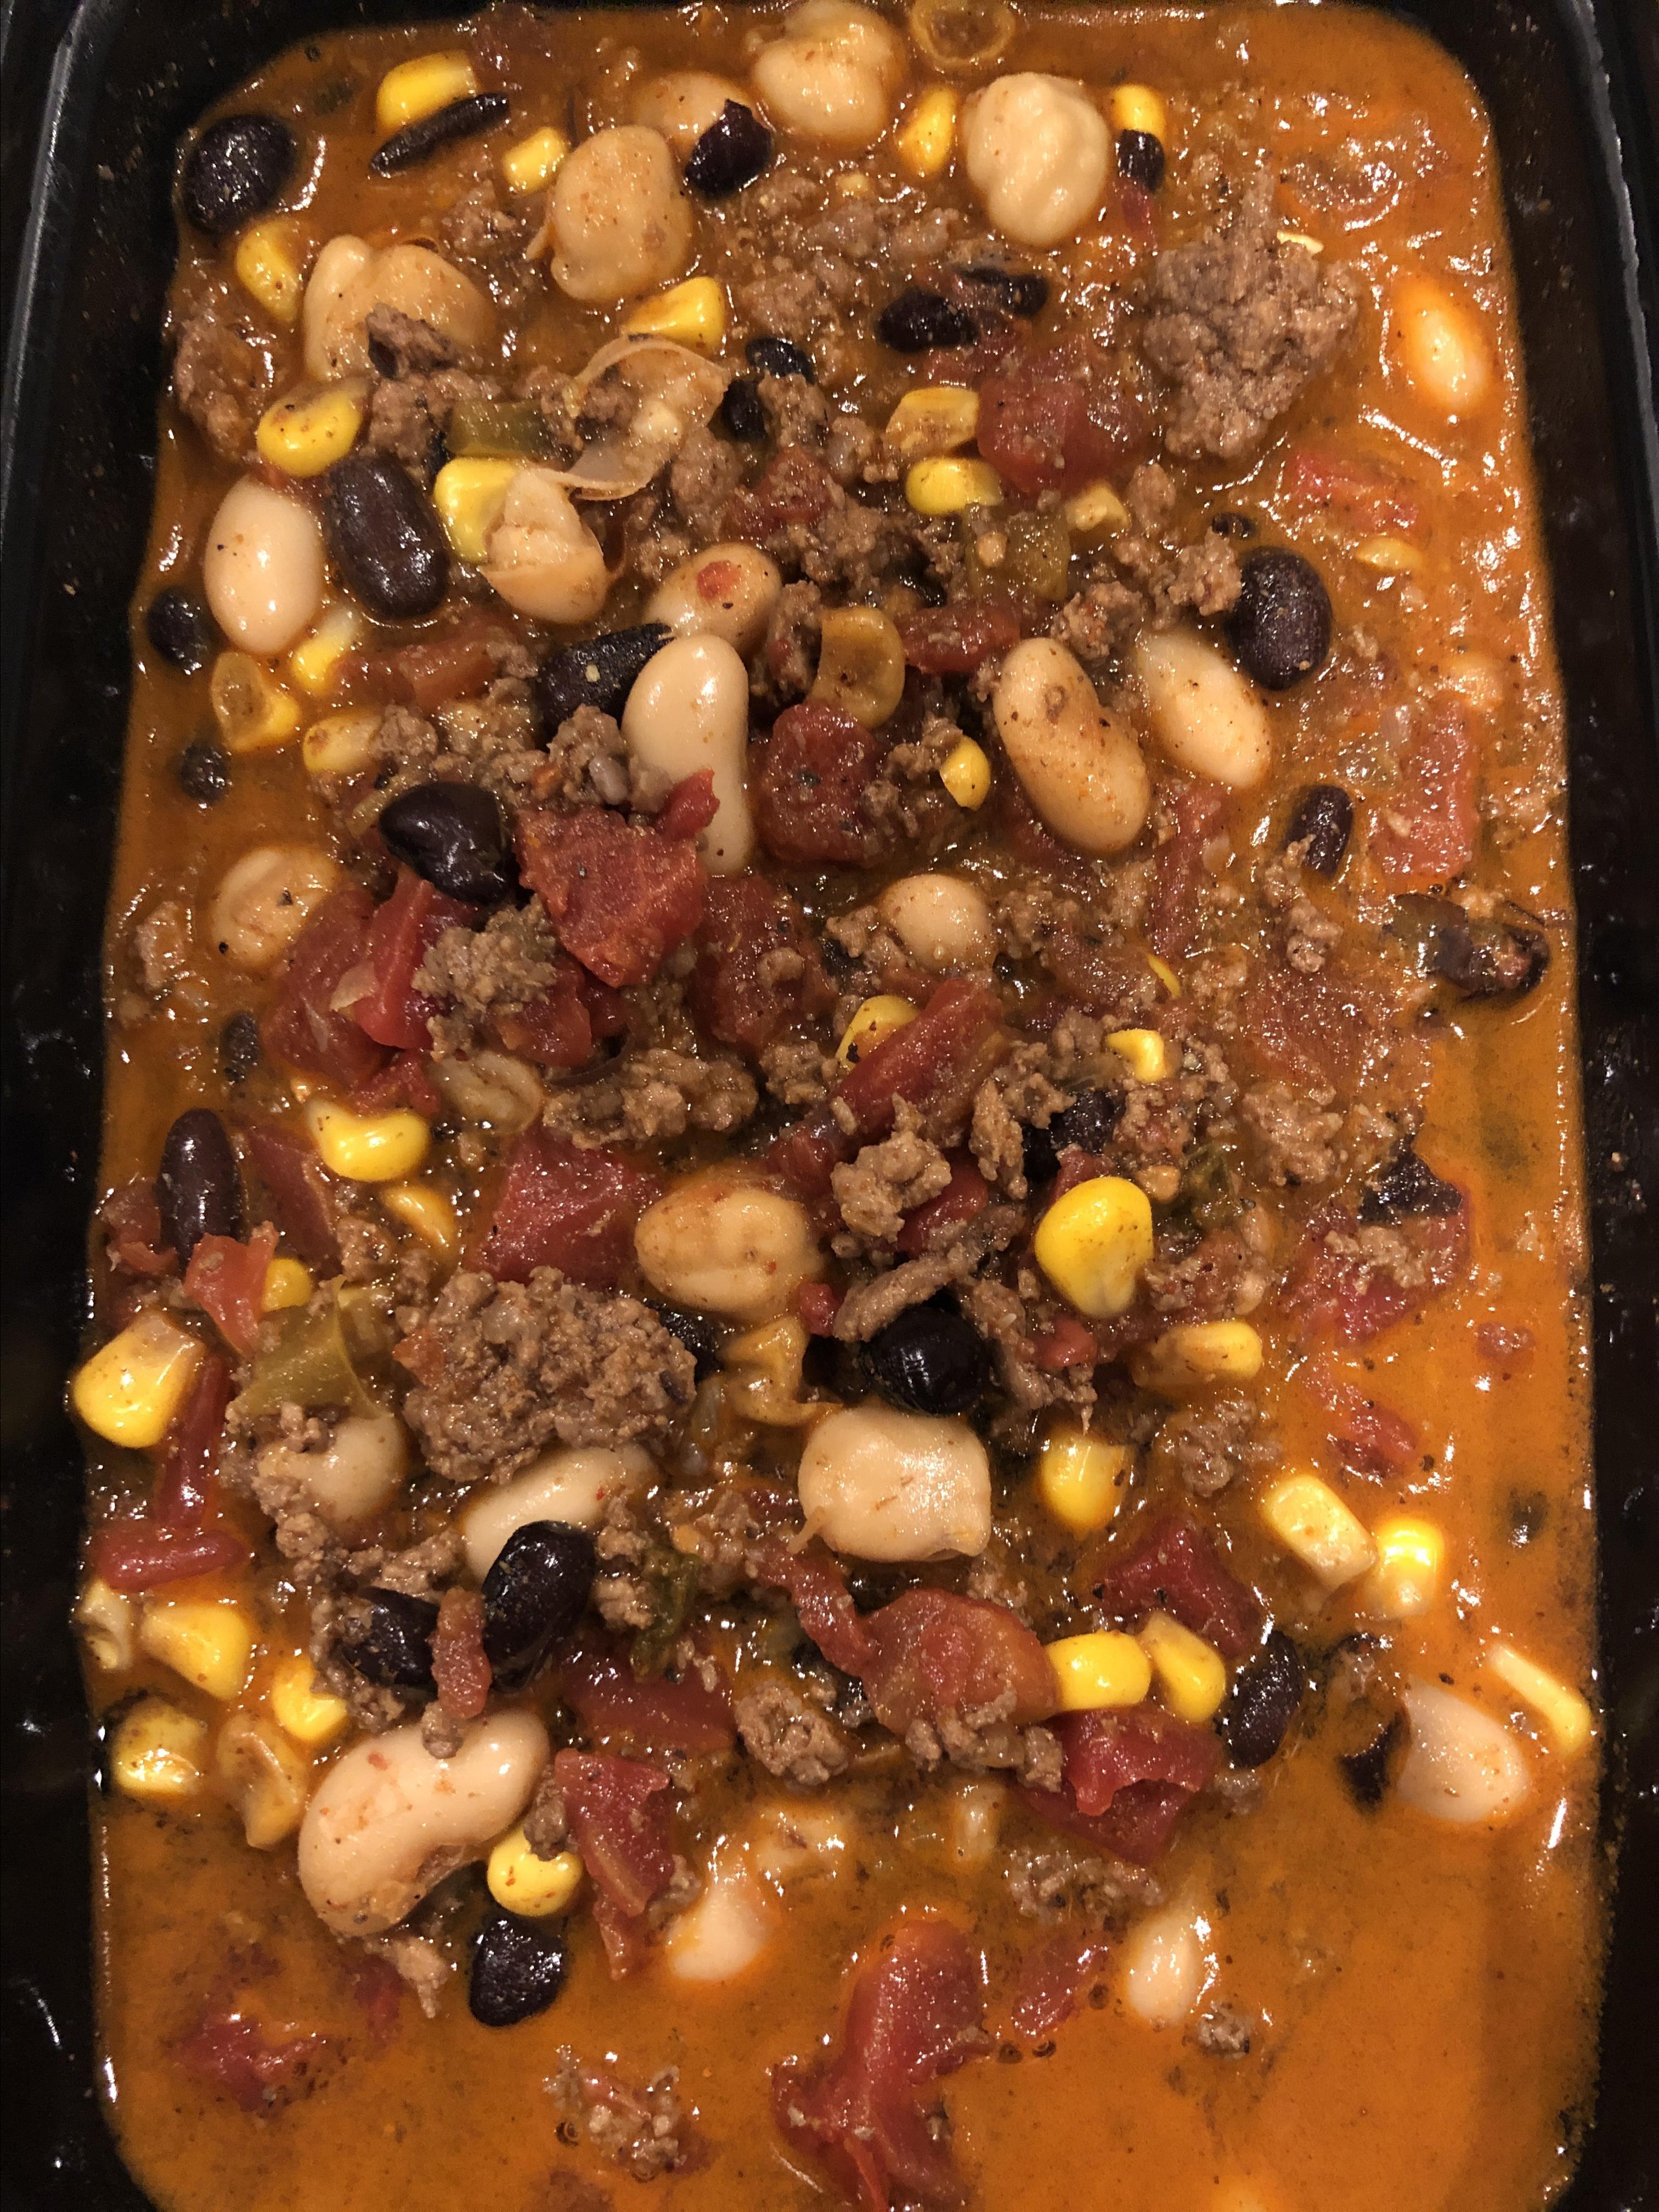 Black Bean And Chickpea Chili Recipe Allrecipes